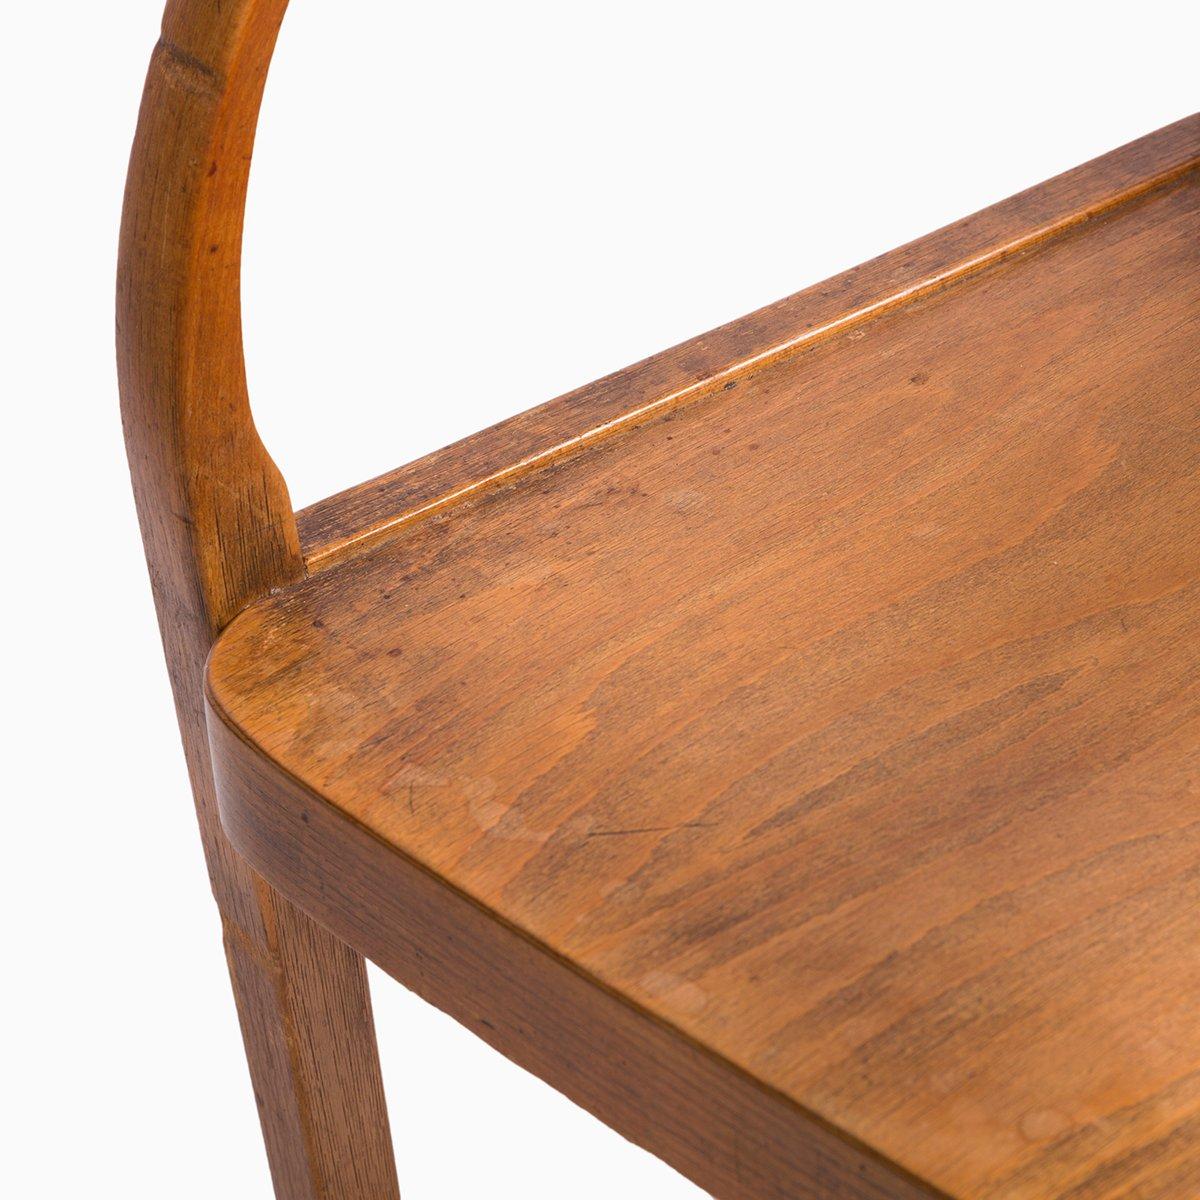 chaise en bois courb de thonet 1960s en vente sur pamono. Black Bedroom Furniture Sets. Home Design Ideas